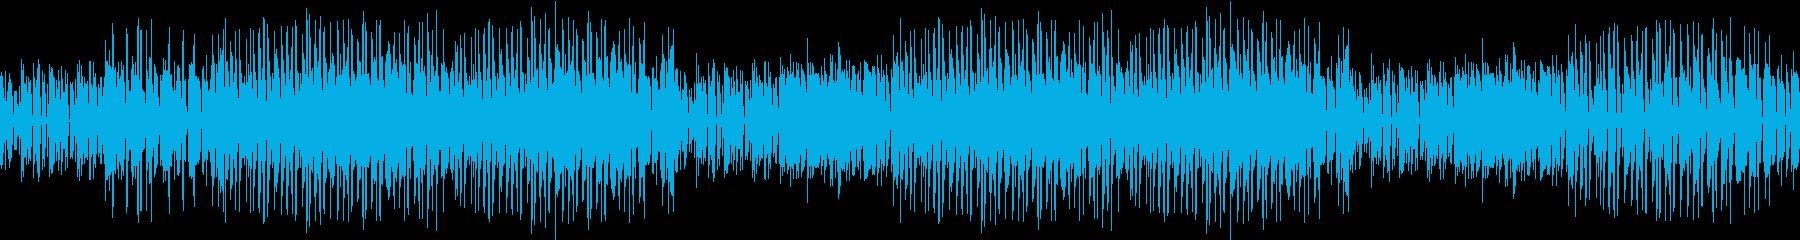 生音ギター・悩み・不安・乾いた音・ループの再生済みの波形